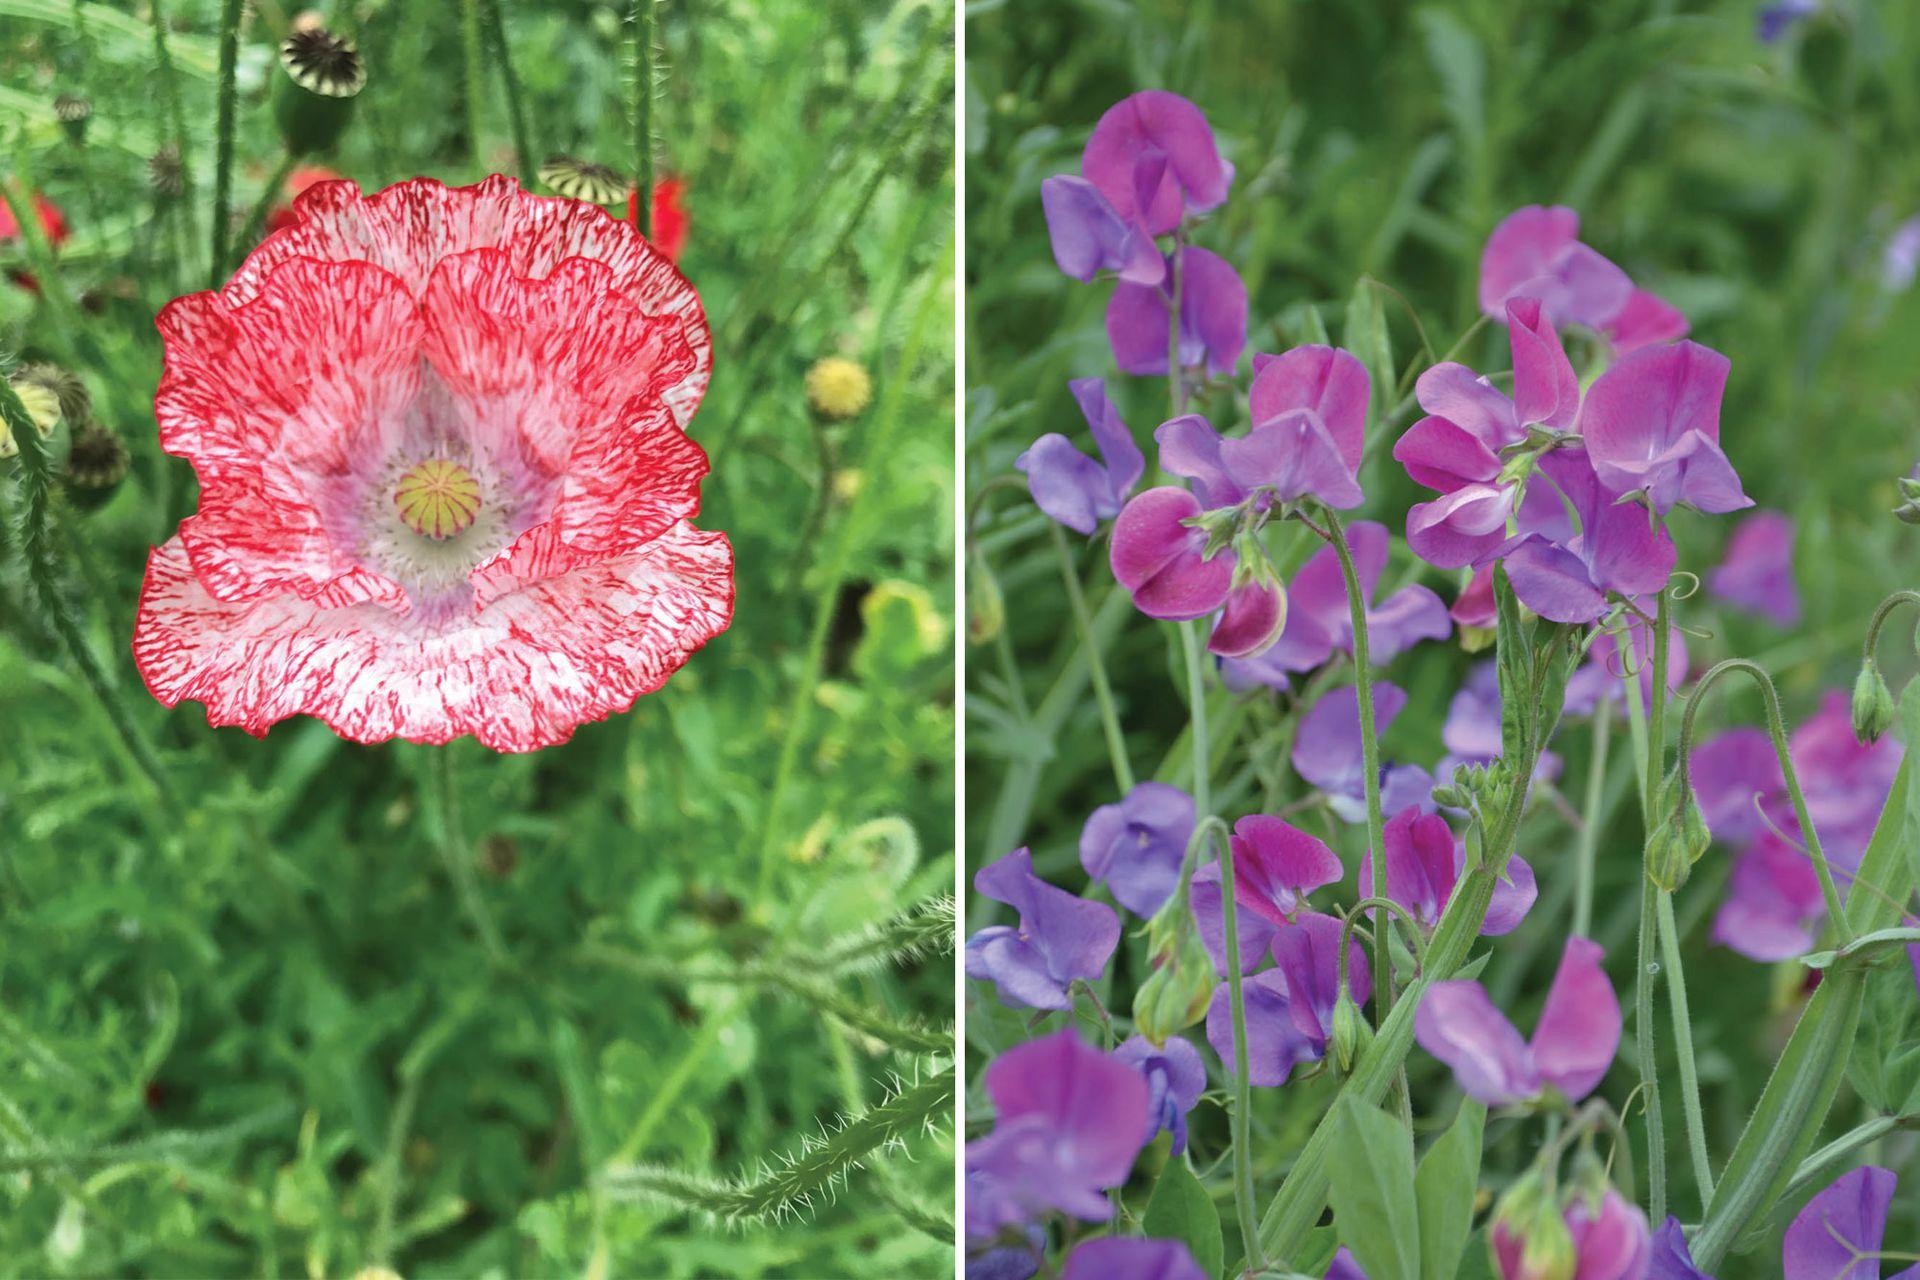 Especies de ciclo OIP (se siembran en otoño y florecen en primavera): Papaver rhoeas o amapola silvestre (izquierda) y Lathyrus odoratus (alverjilla de olor).